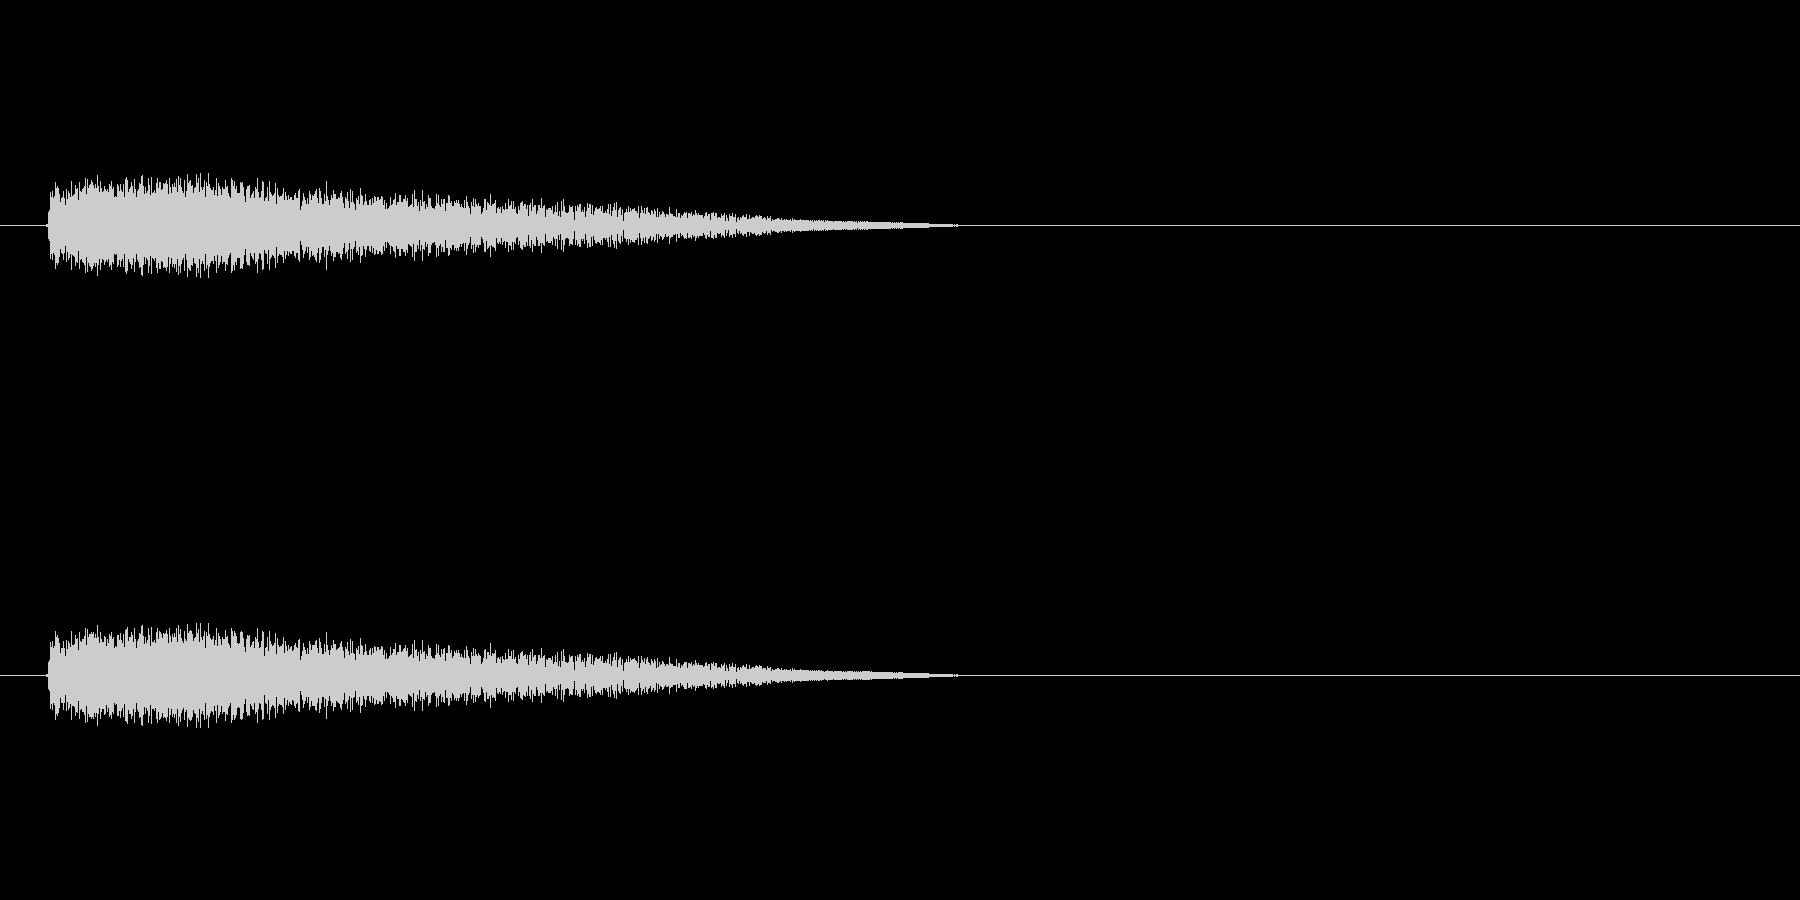 【ネガティブ03-3】の未再生の波形